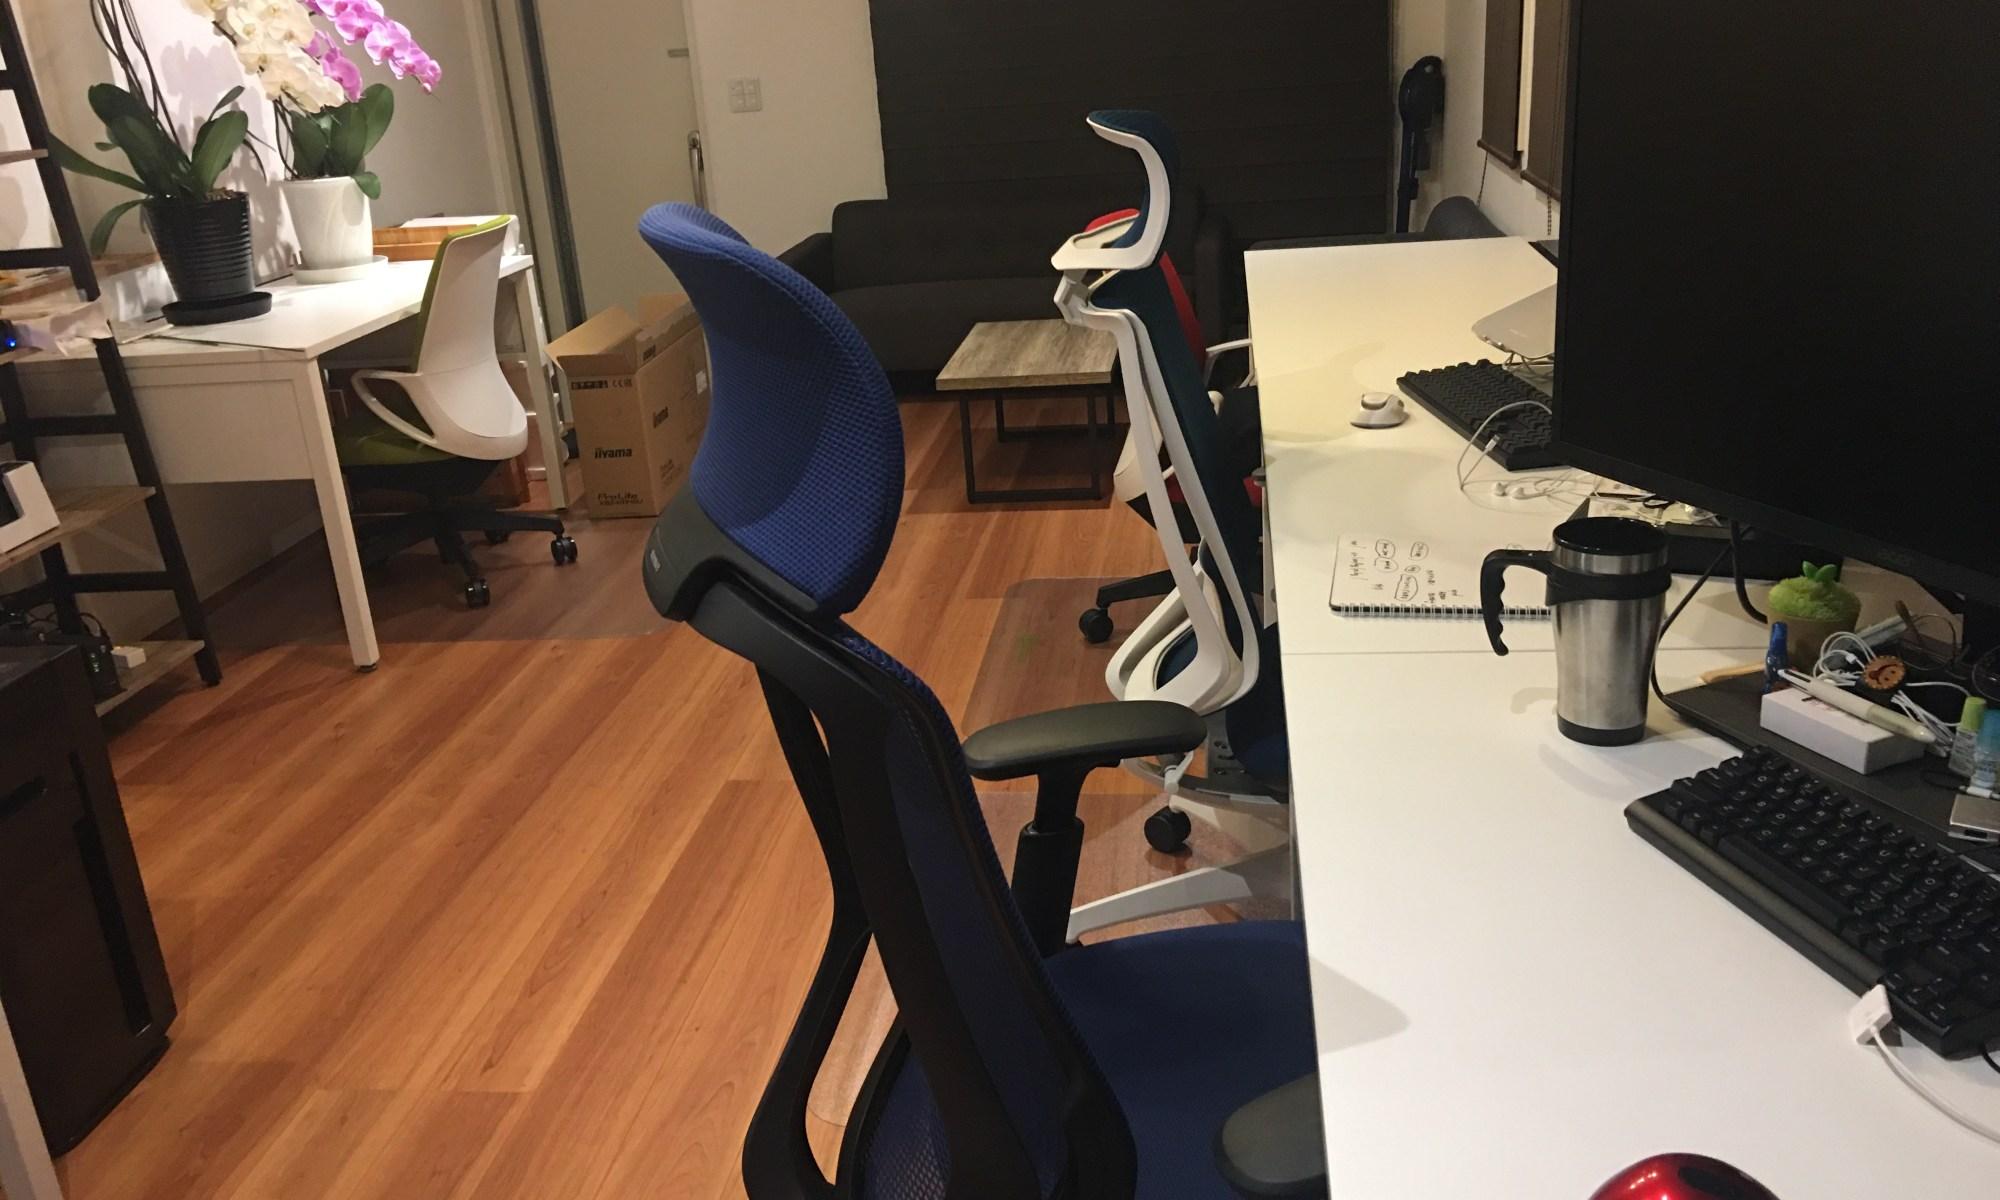 写真:室内。椅子が3脚と机、ディスプレイ、玄関付近に白とピンクの胡蝶蘭が飾っている。